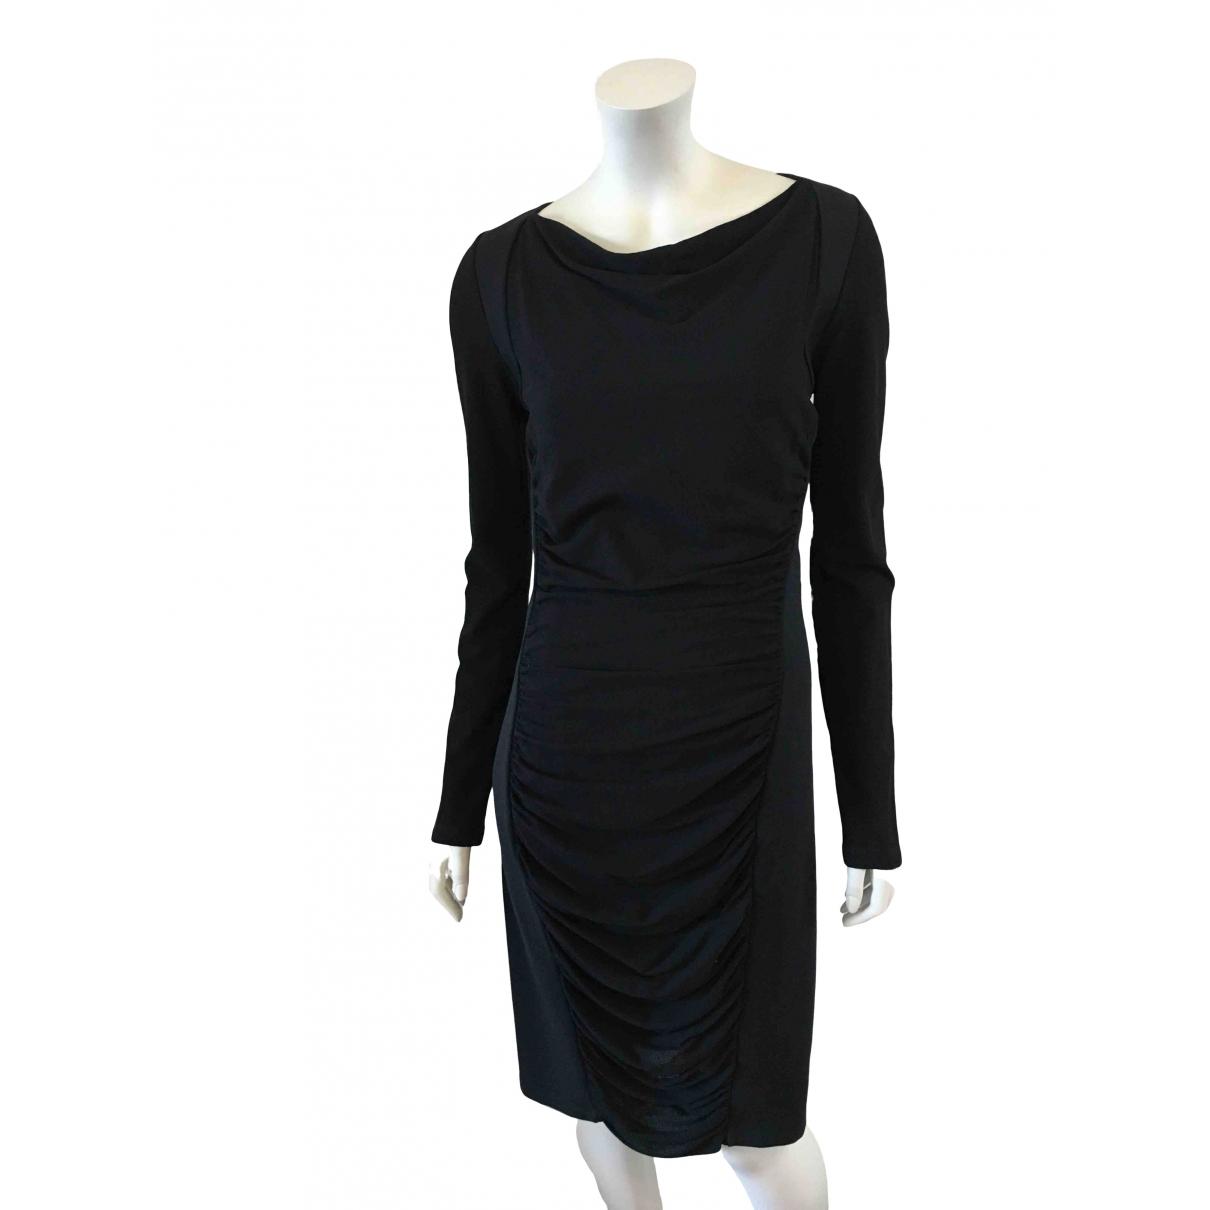 Max Mara \N Black dress for Women 44 IT